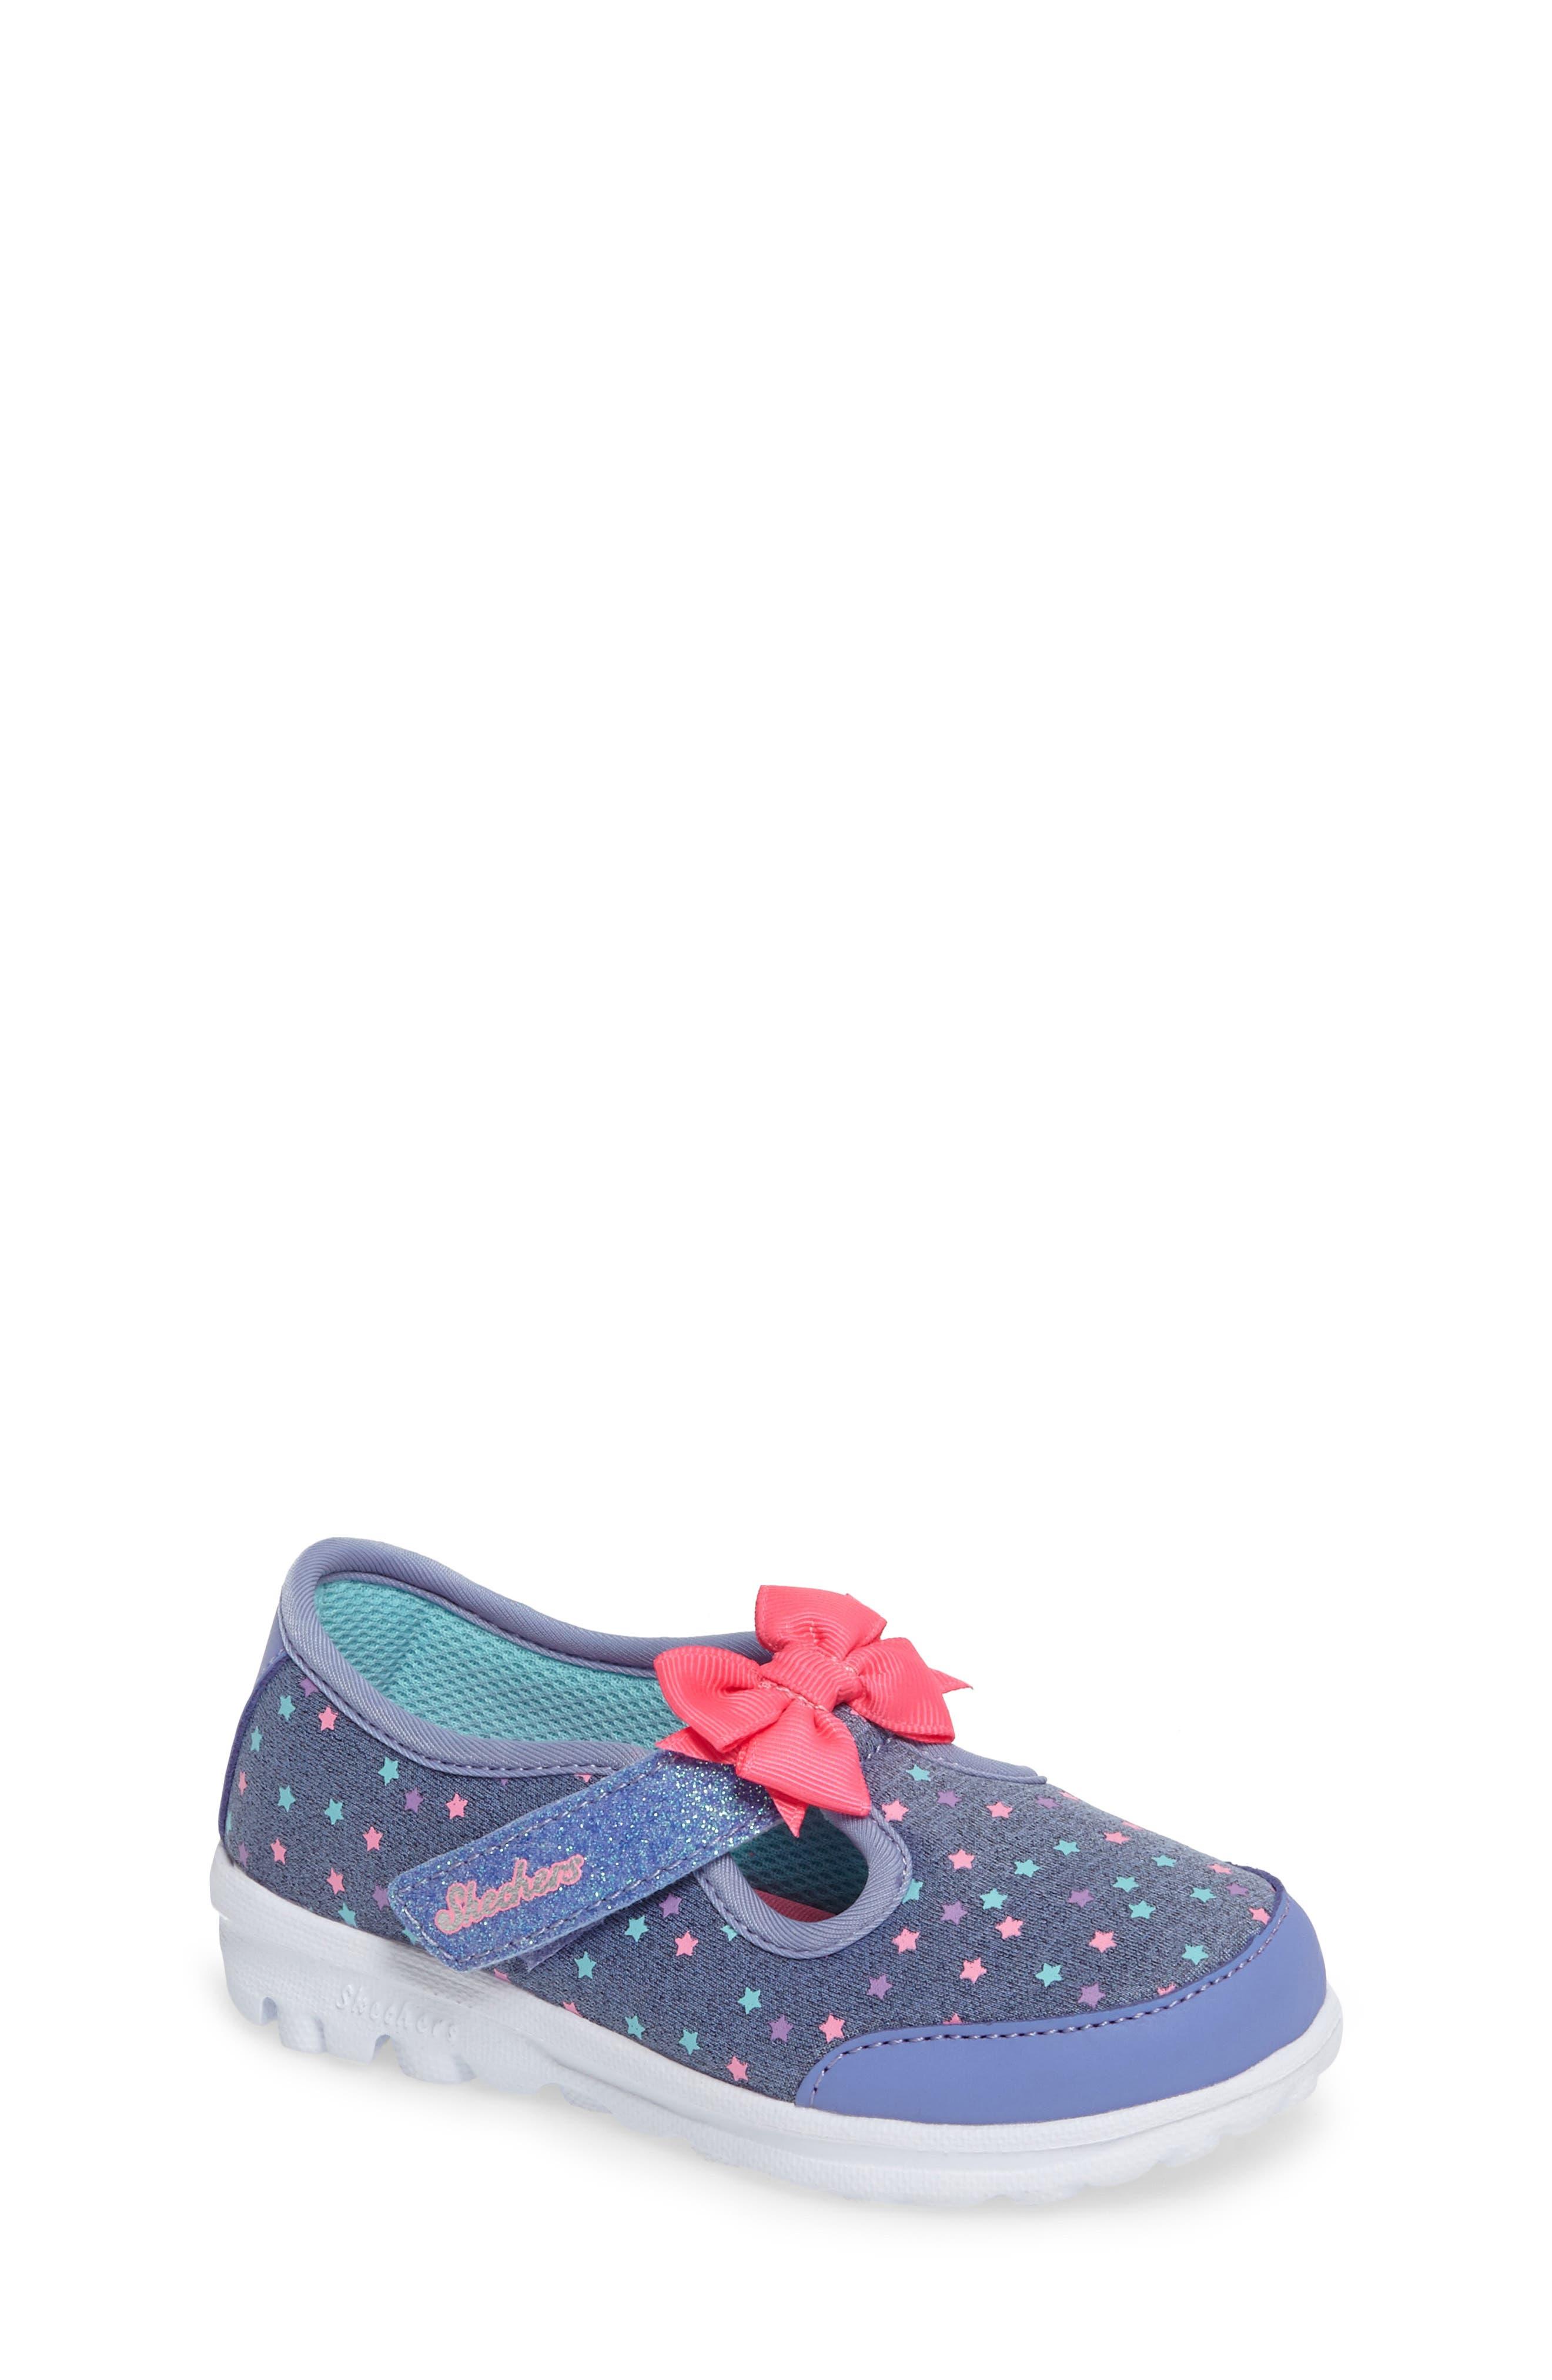 Alternate Image 1 Selected - SKECHERS Go Walk Slip-On Sneaker (Baby, Walker, Toddler & Little Kid)